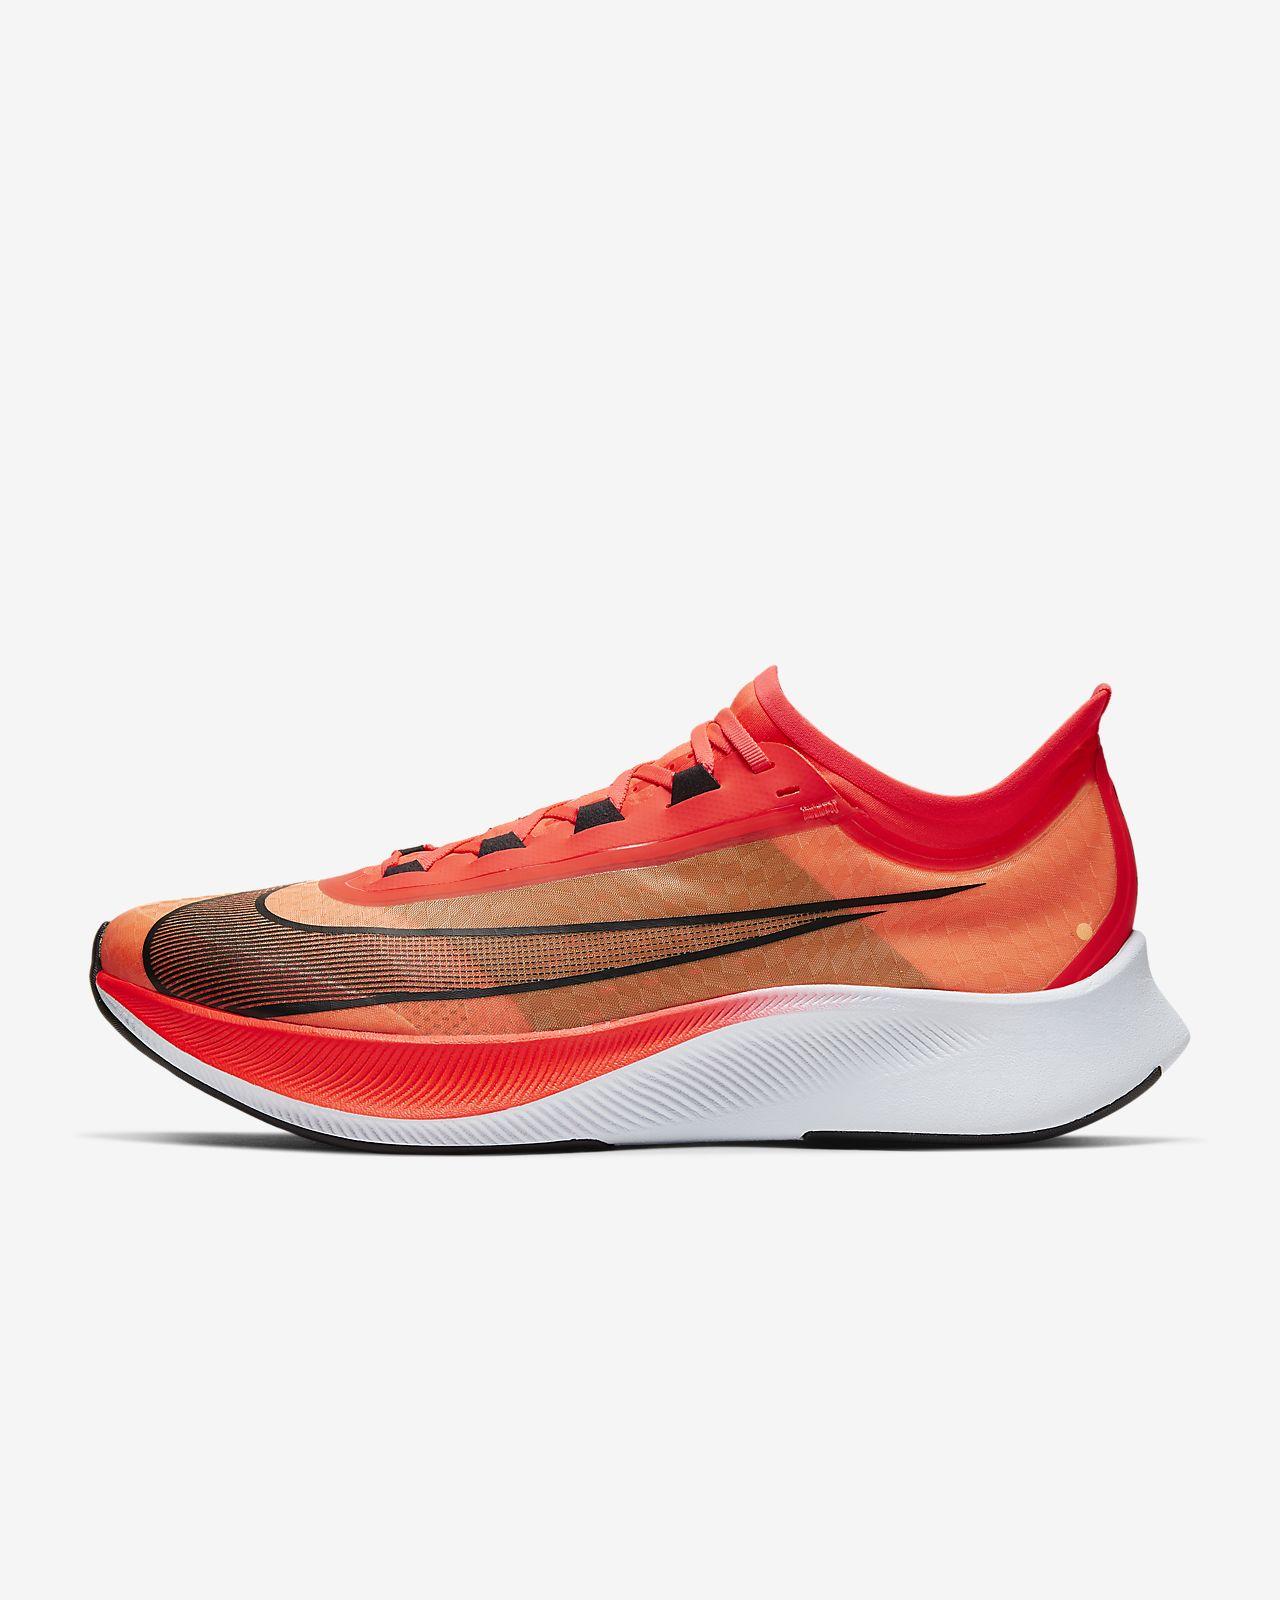 รองเท้าวิ่งผู้ชาย Nike Zoom Fly 3